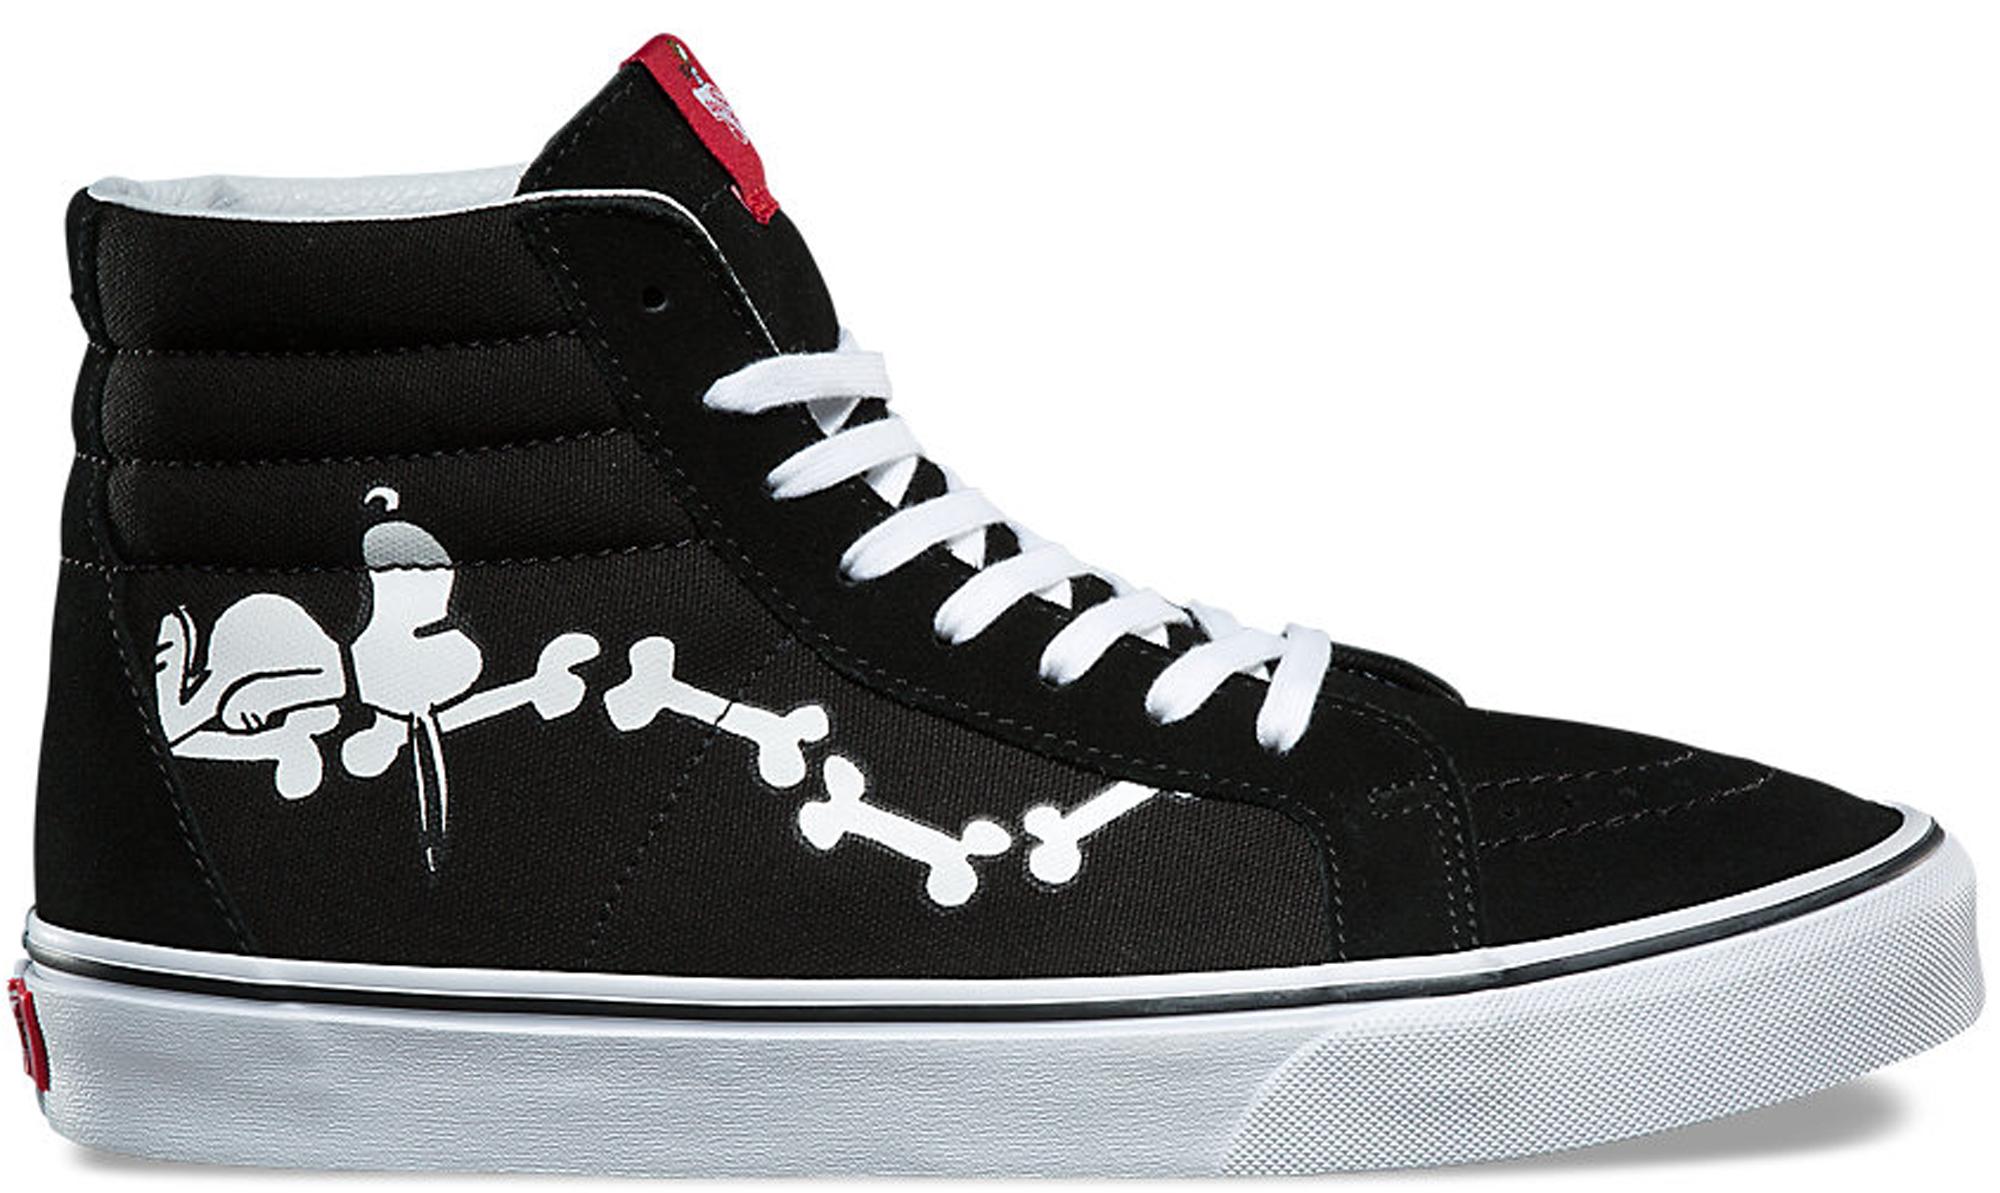 Vans Sk8-Hi Re-Issue Peanuts Snoopy